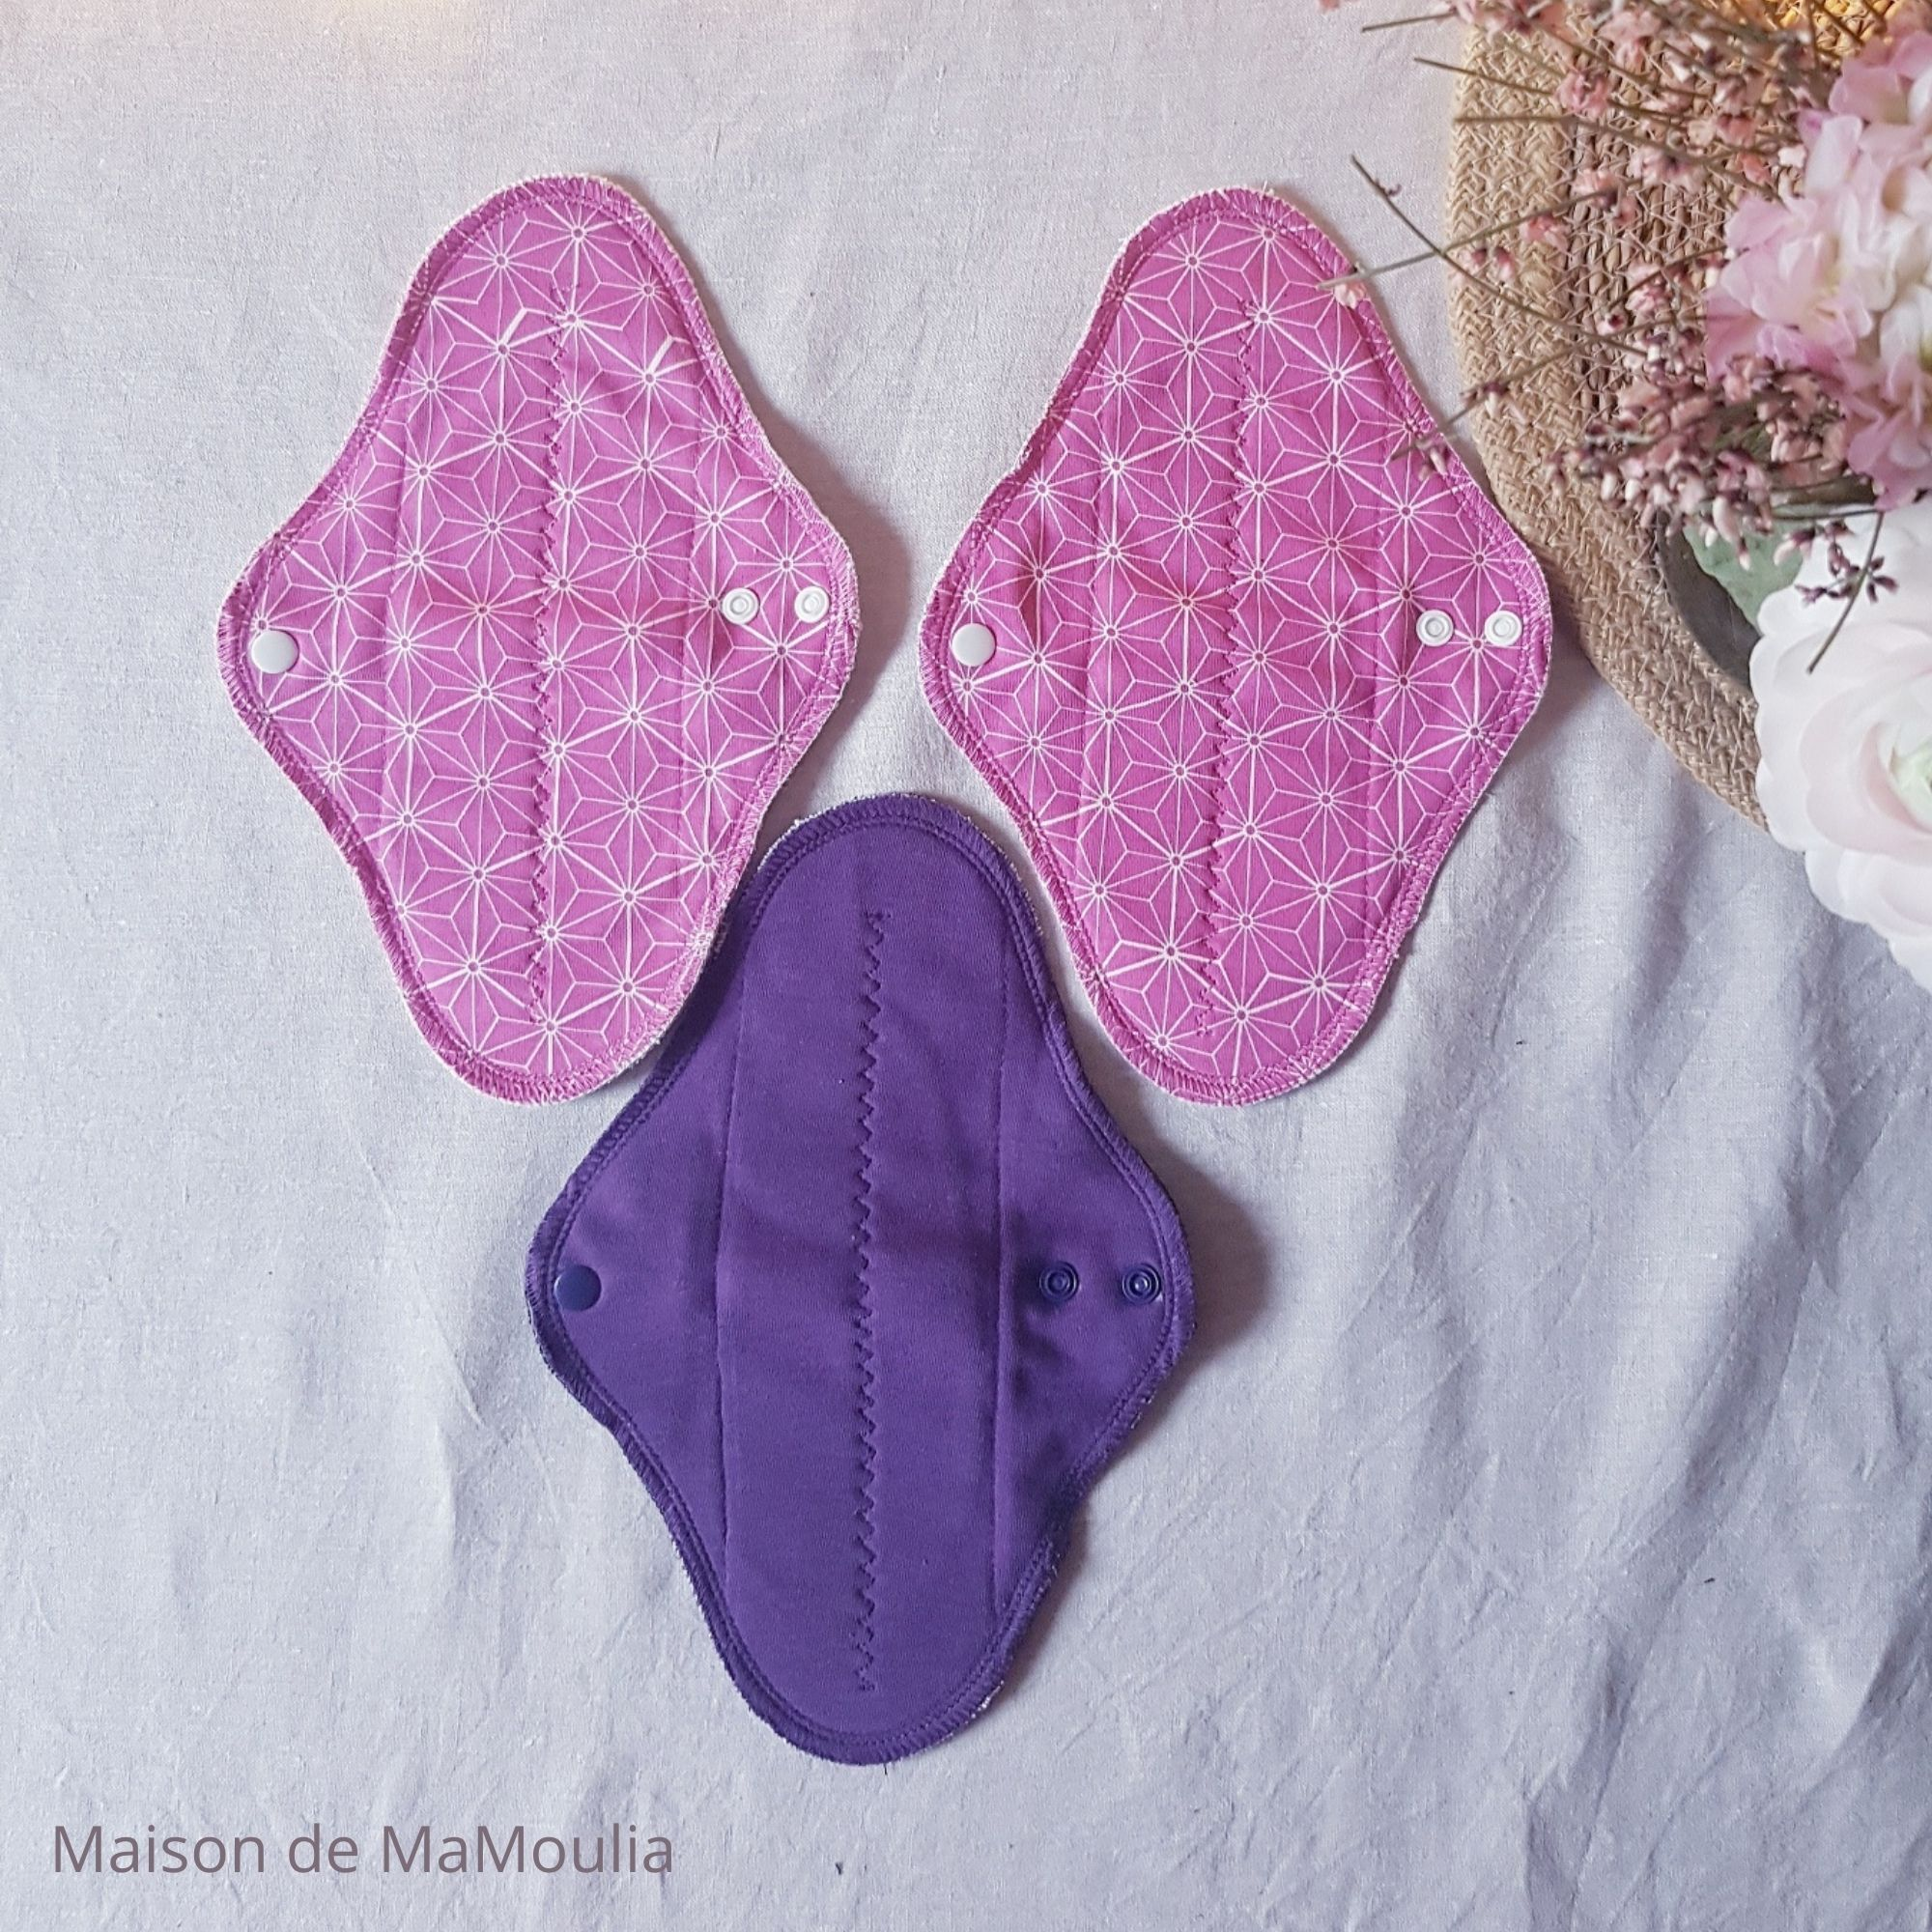 MaM ECOFIT - Serviettes Hygiéniques Lavables - taille REGULAR PLUS - ROSE/AUBERGINE, lot de 3